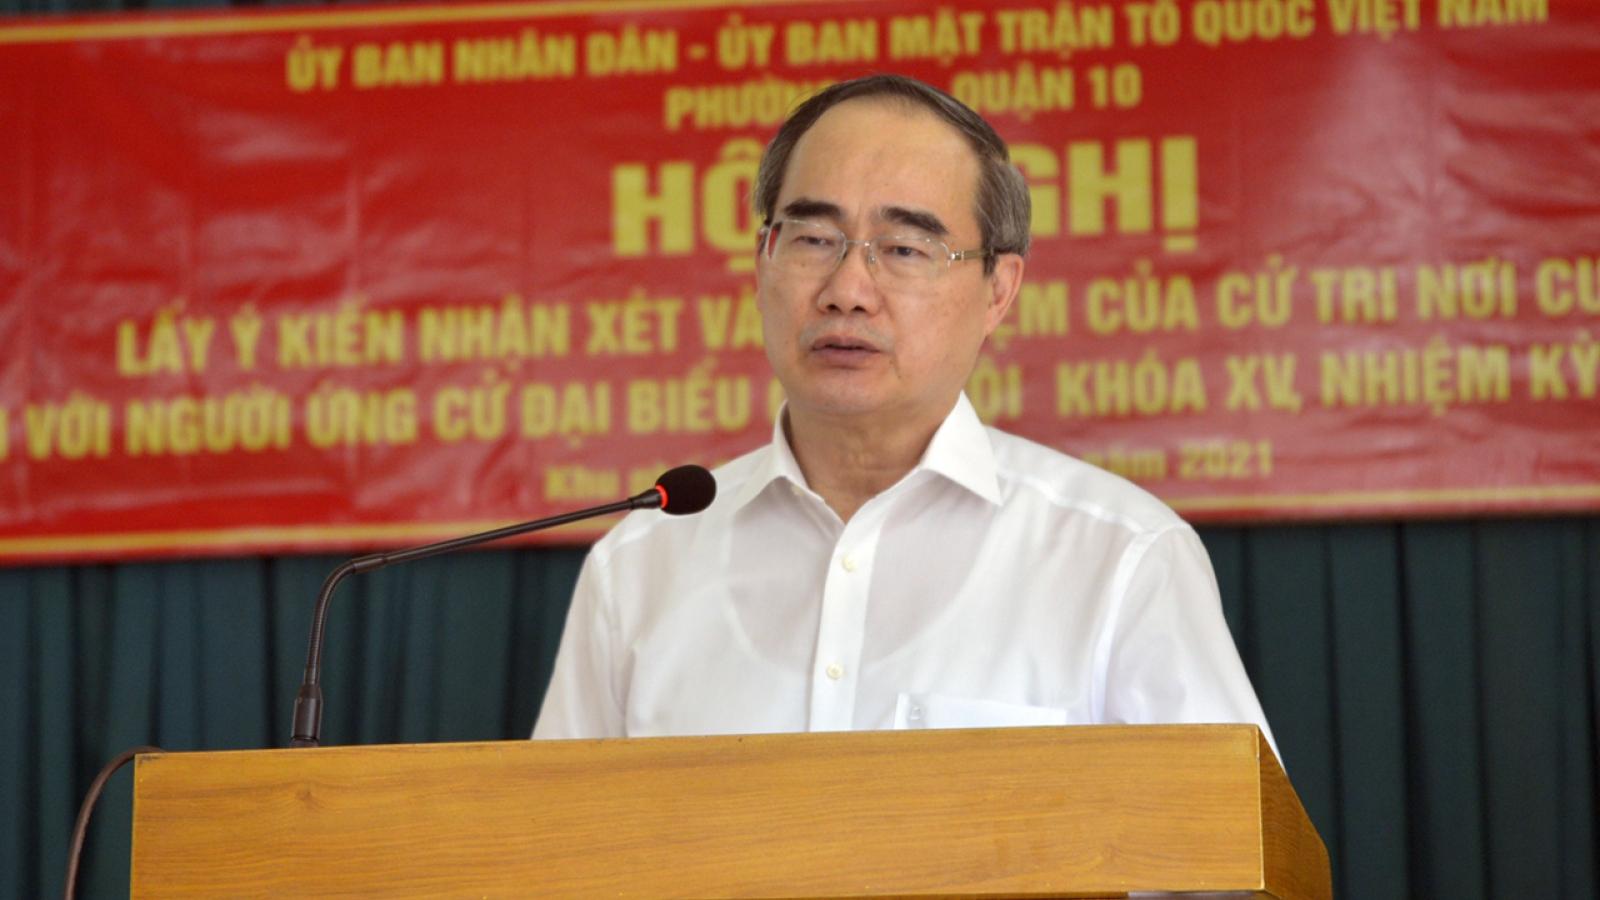 Cử tri đồng ý giới thiệu ông Nguyễn Thiện Nhân ứng cử ĐBQH khoá XV